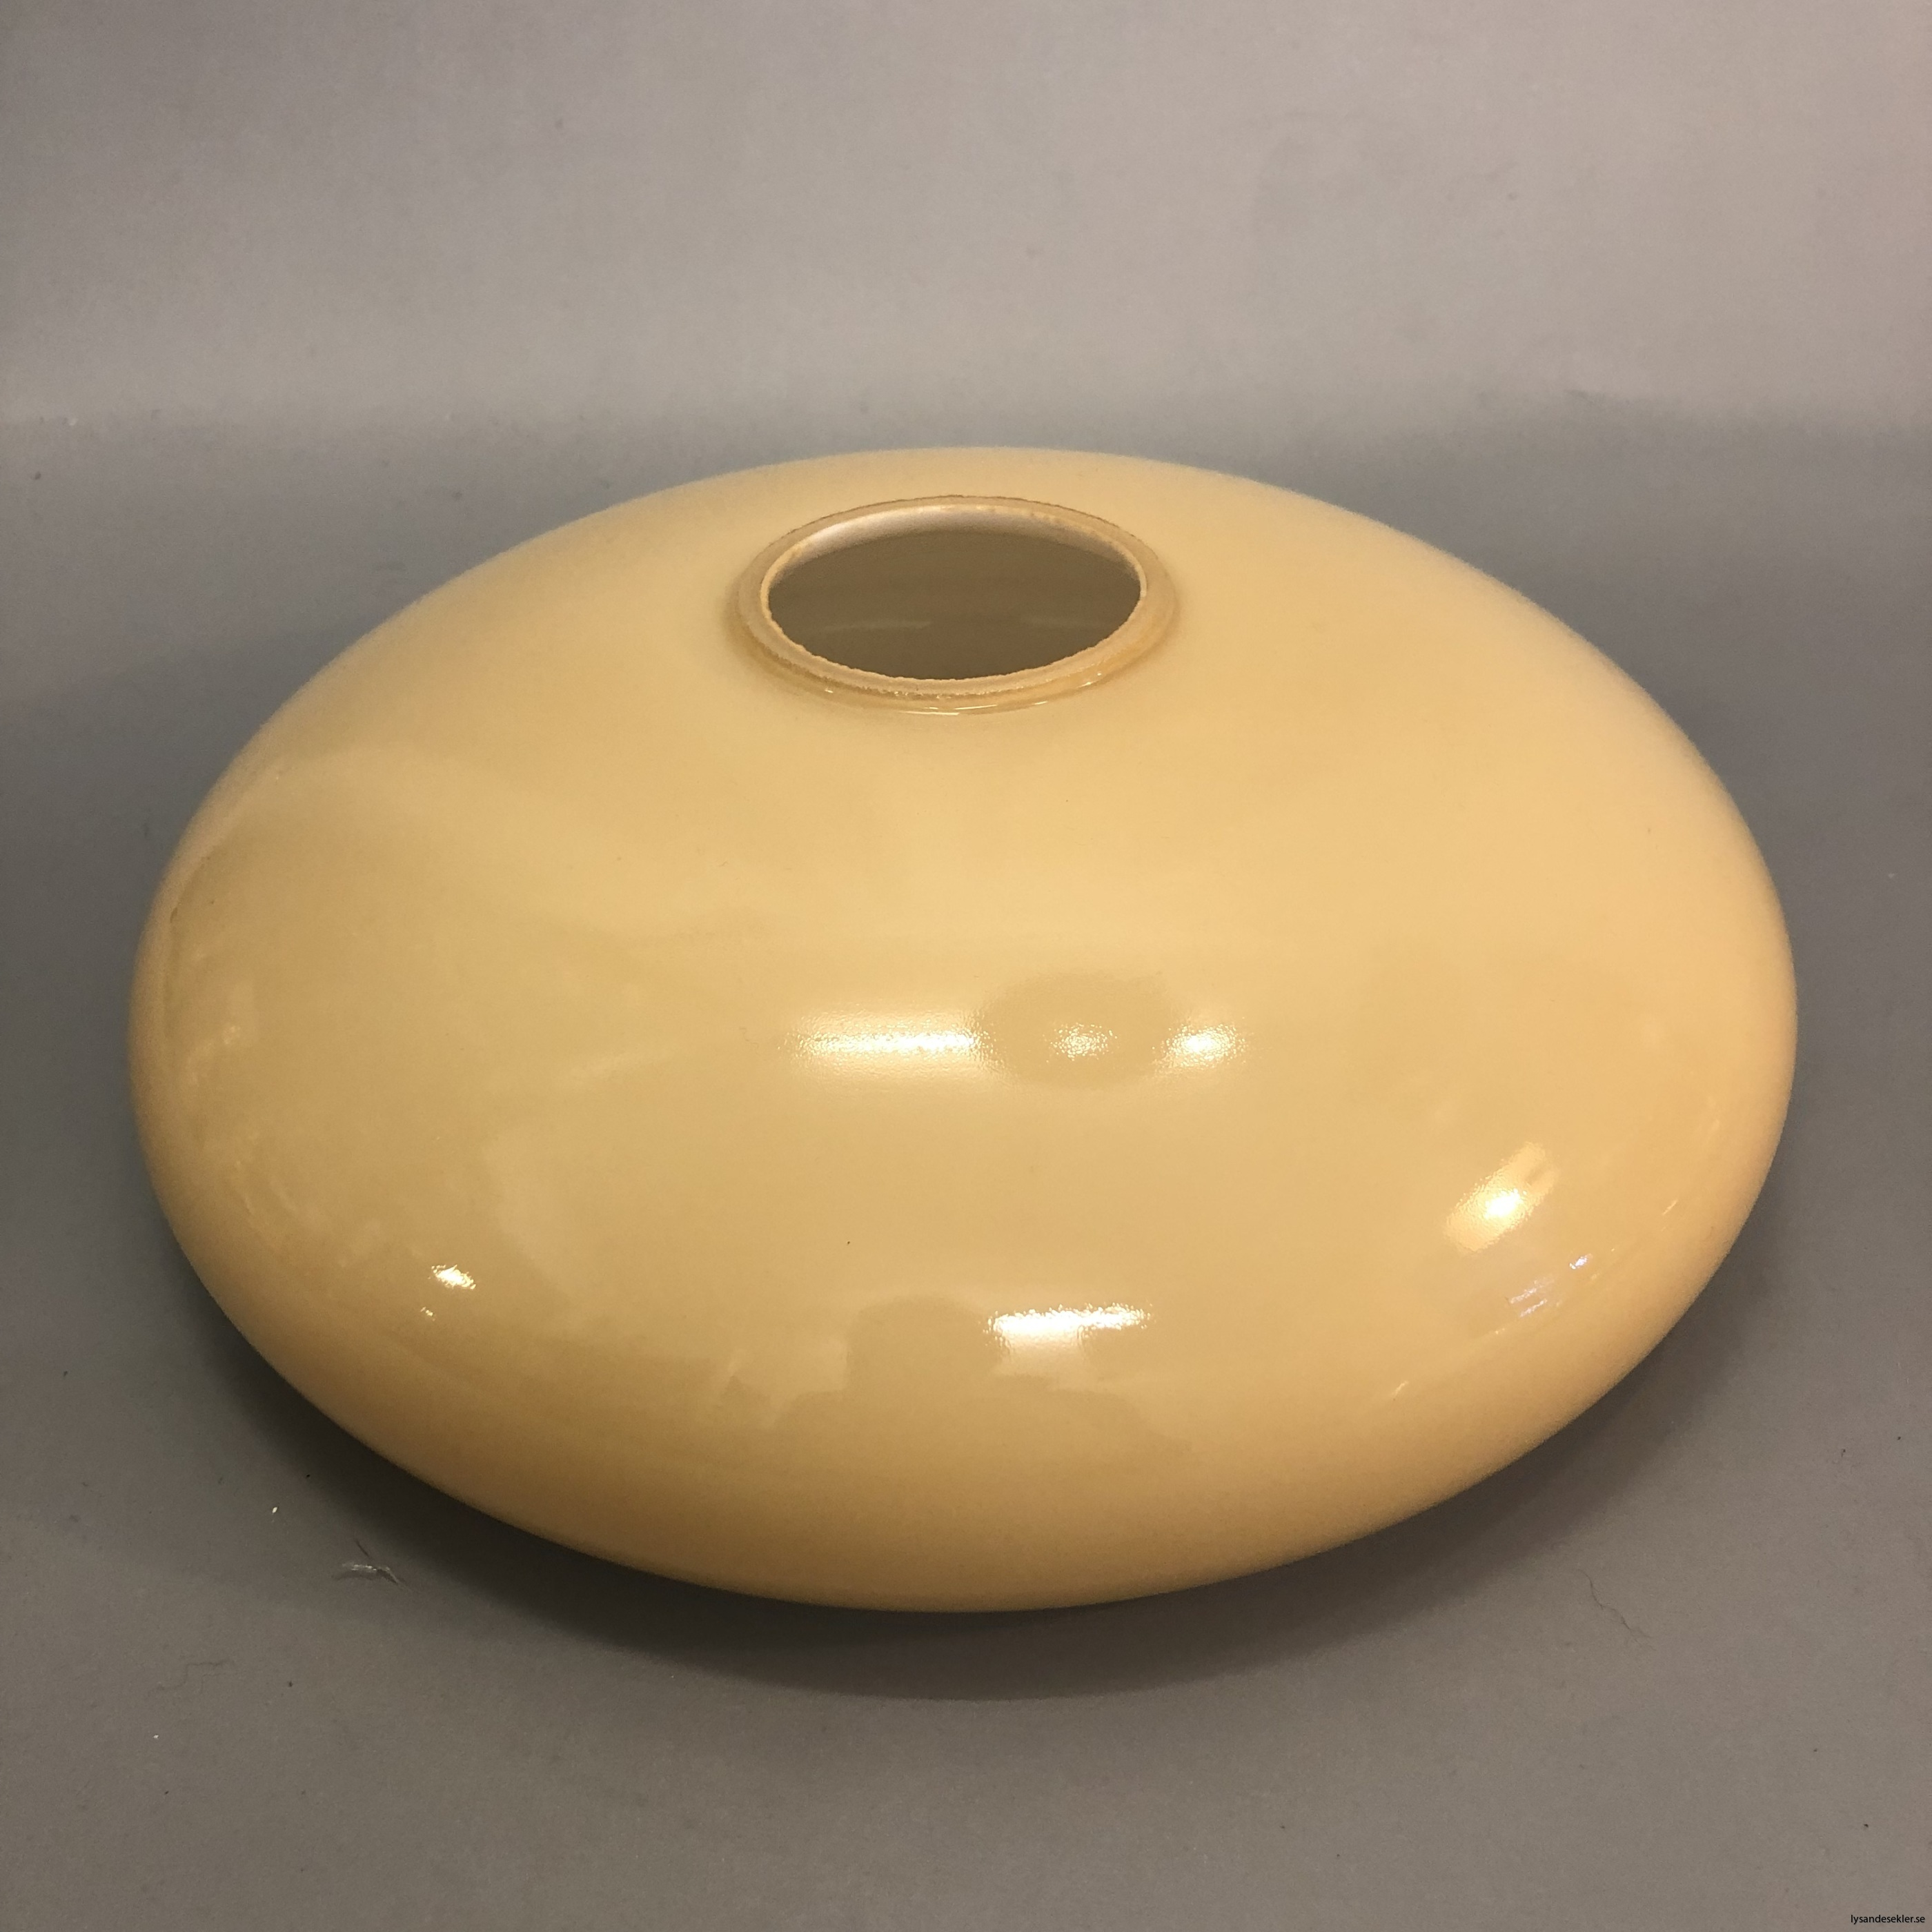 flat lampskärm med hål tallriksmodell för bl.a takarmaturer1